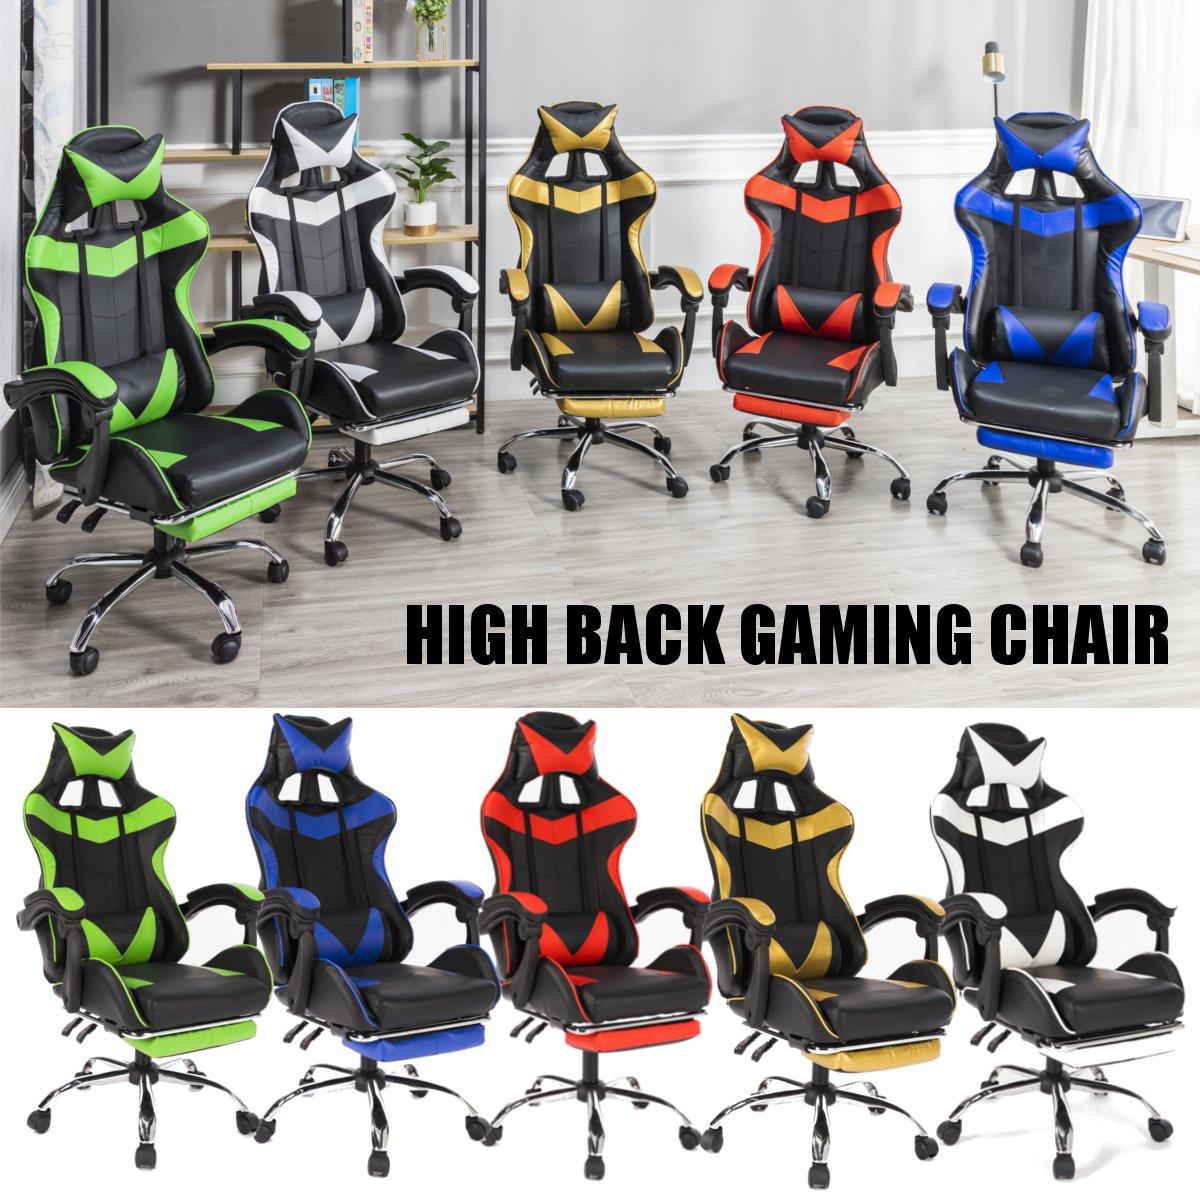 5 cores couro do plutônio que compete a cadeira do jogo do escritório reclinável ergonômico traseiro alto com apoio para os pés mobília profissional da cadeira do computador